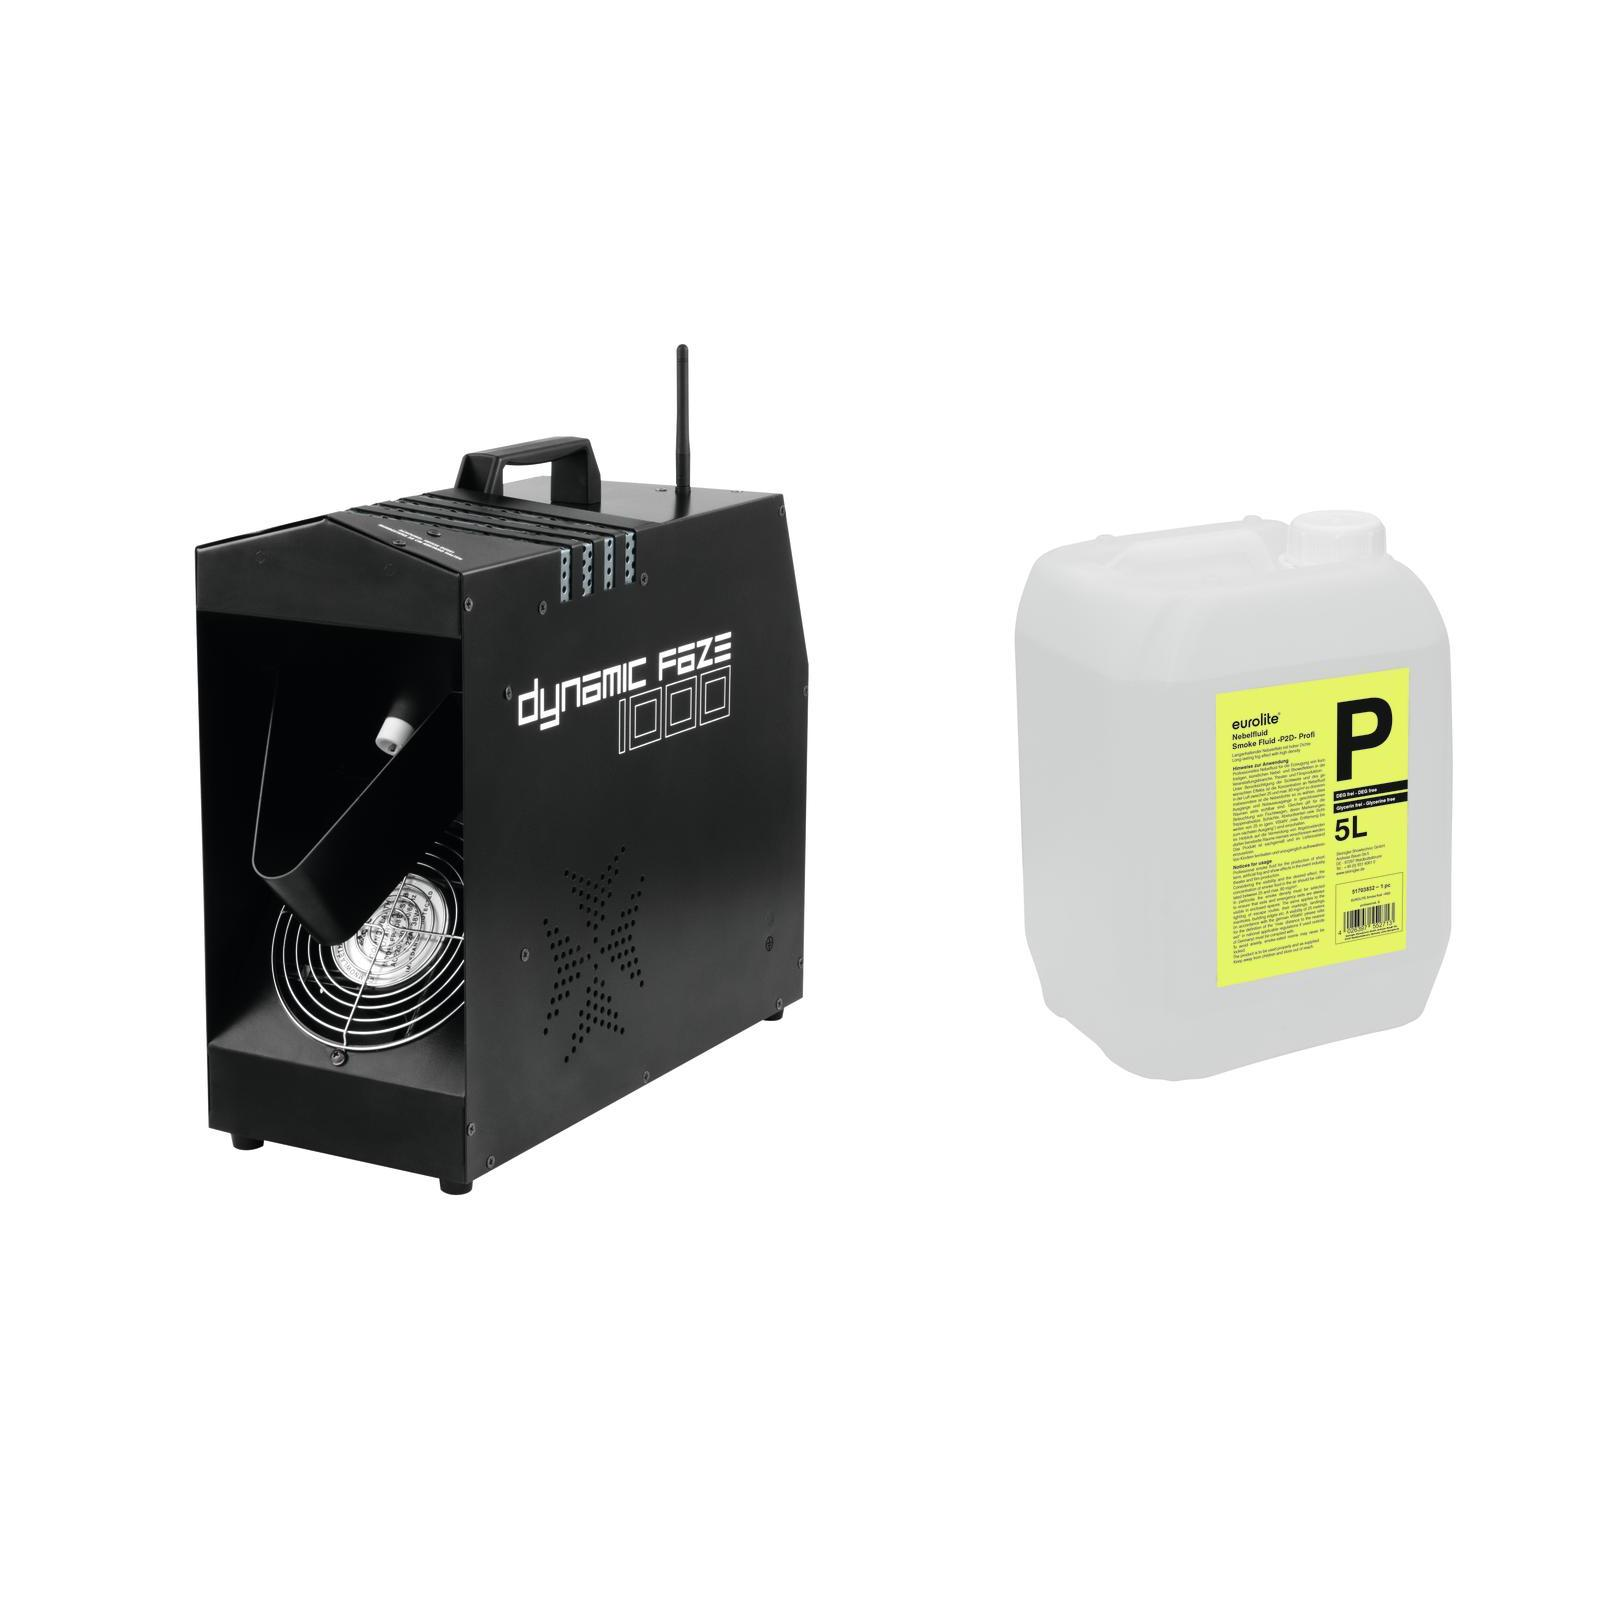 EUROLITE Set Dynamic Faze 1000 + Smoke Fluid -P2D- 5l